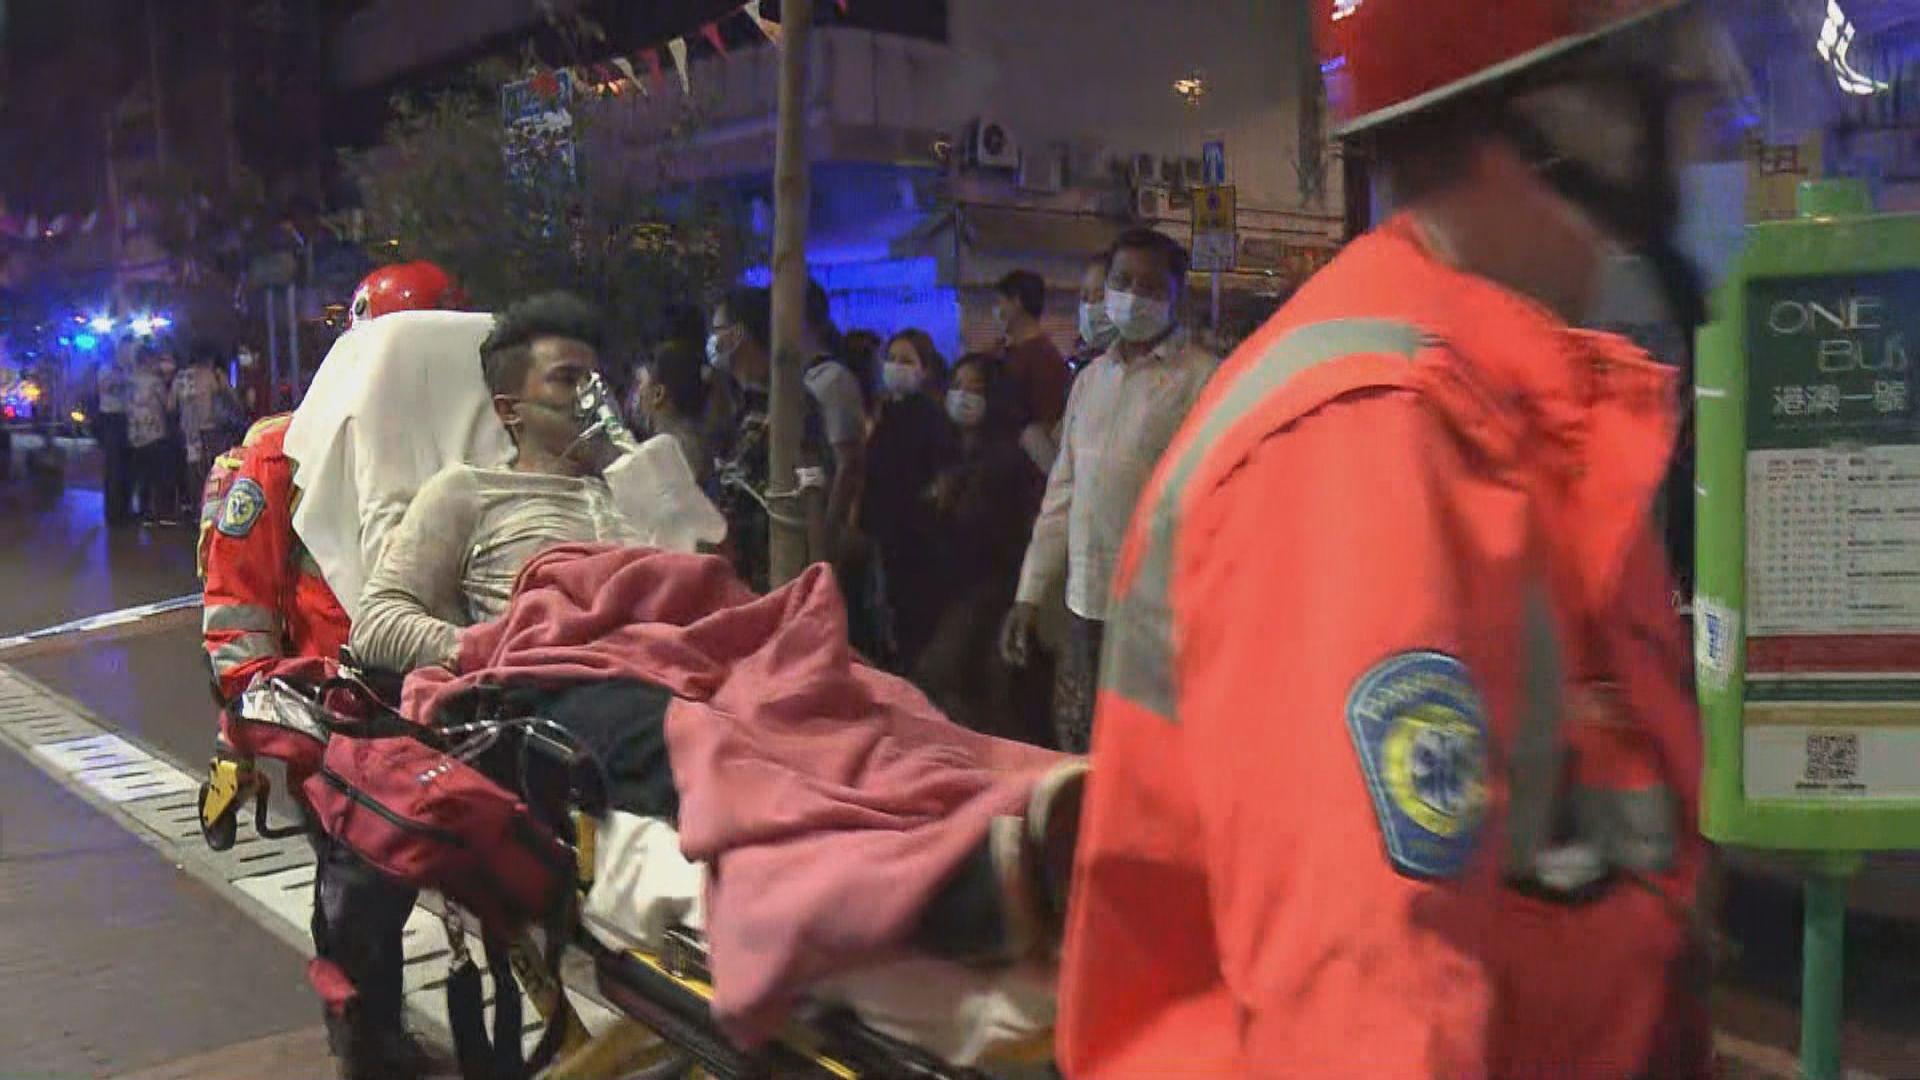 油麻地唐樓火警至少十一傷 多人被救出時昏迷